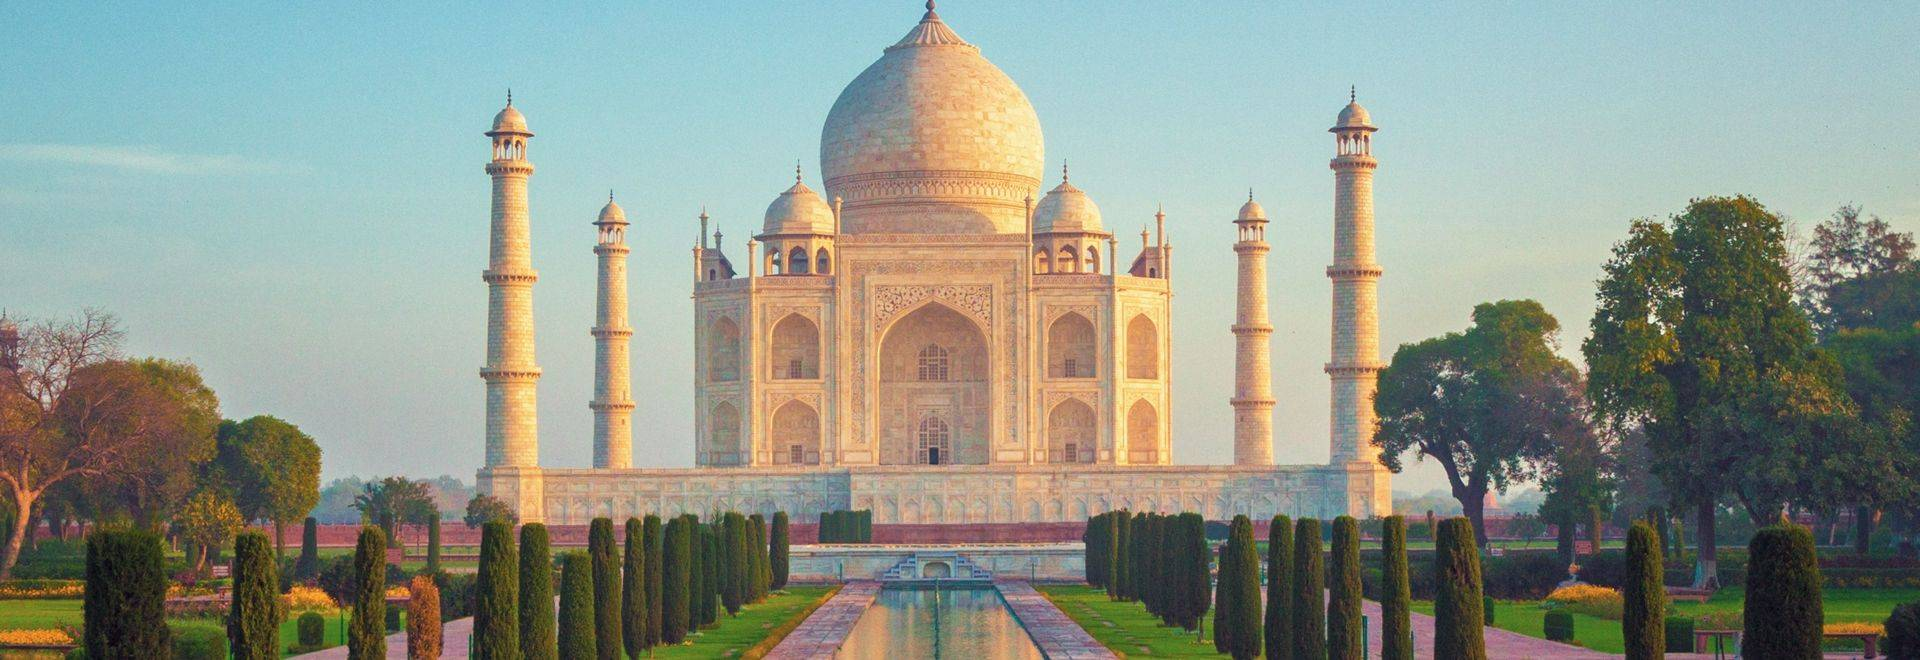 GettyImages 697913520 Taj Mahal